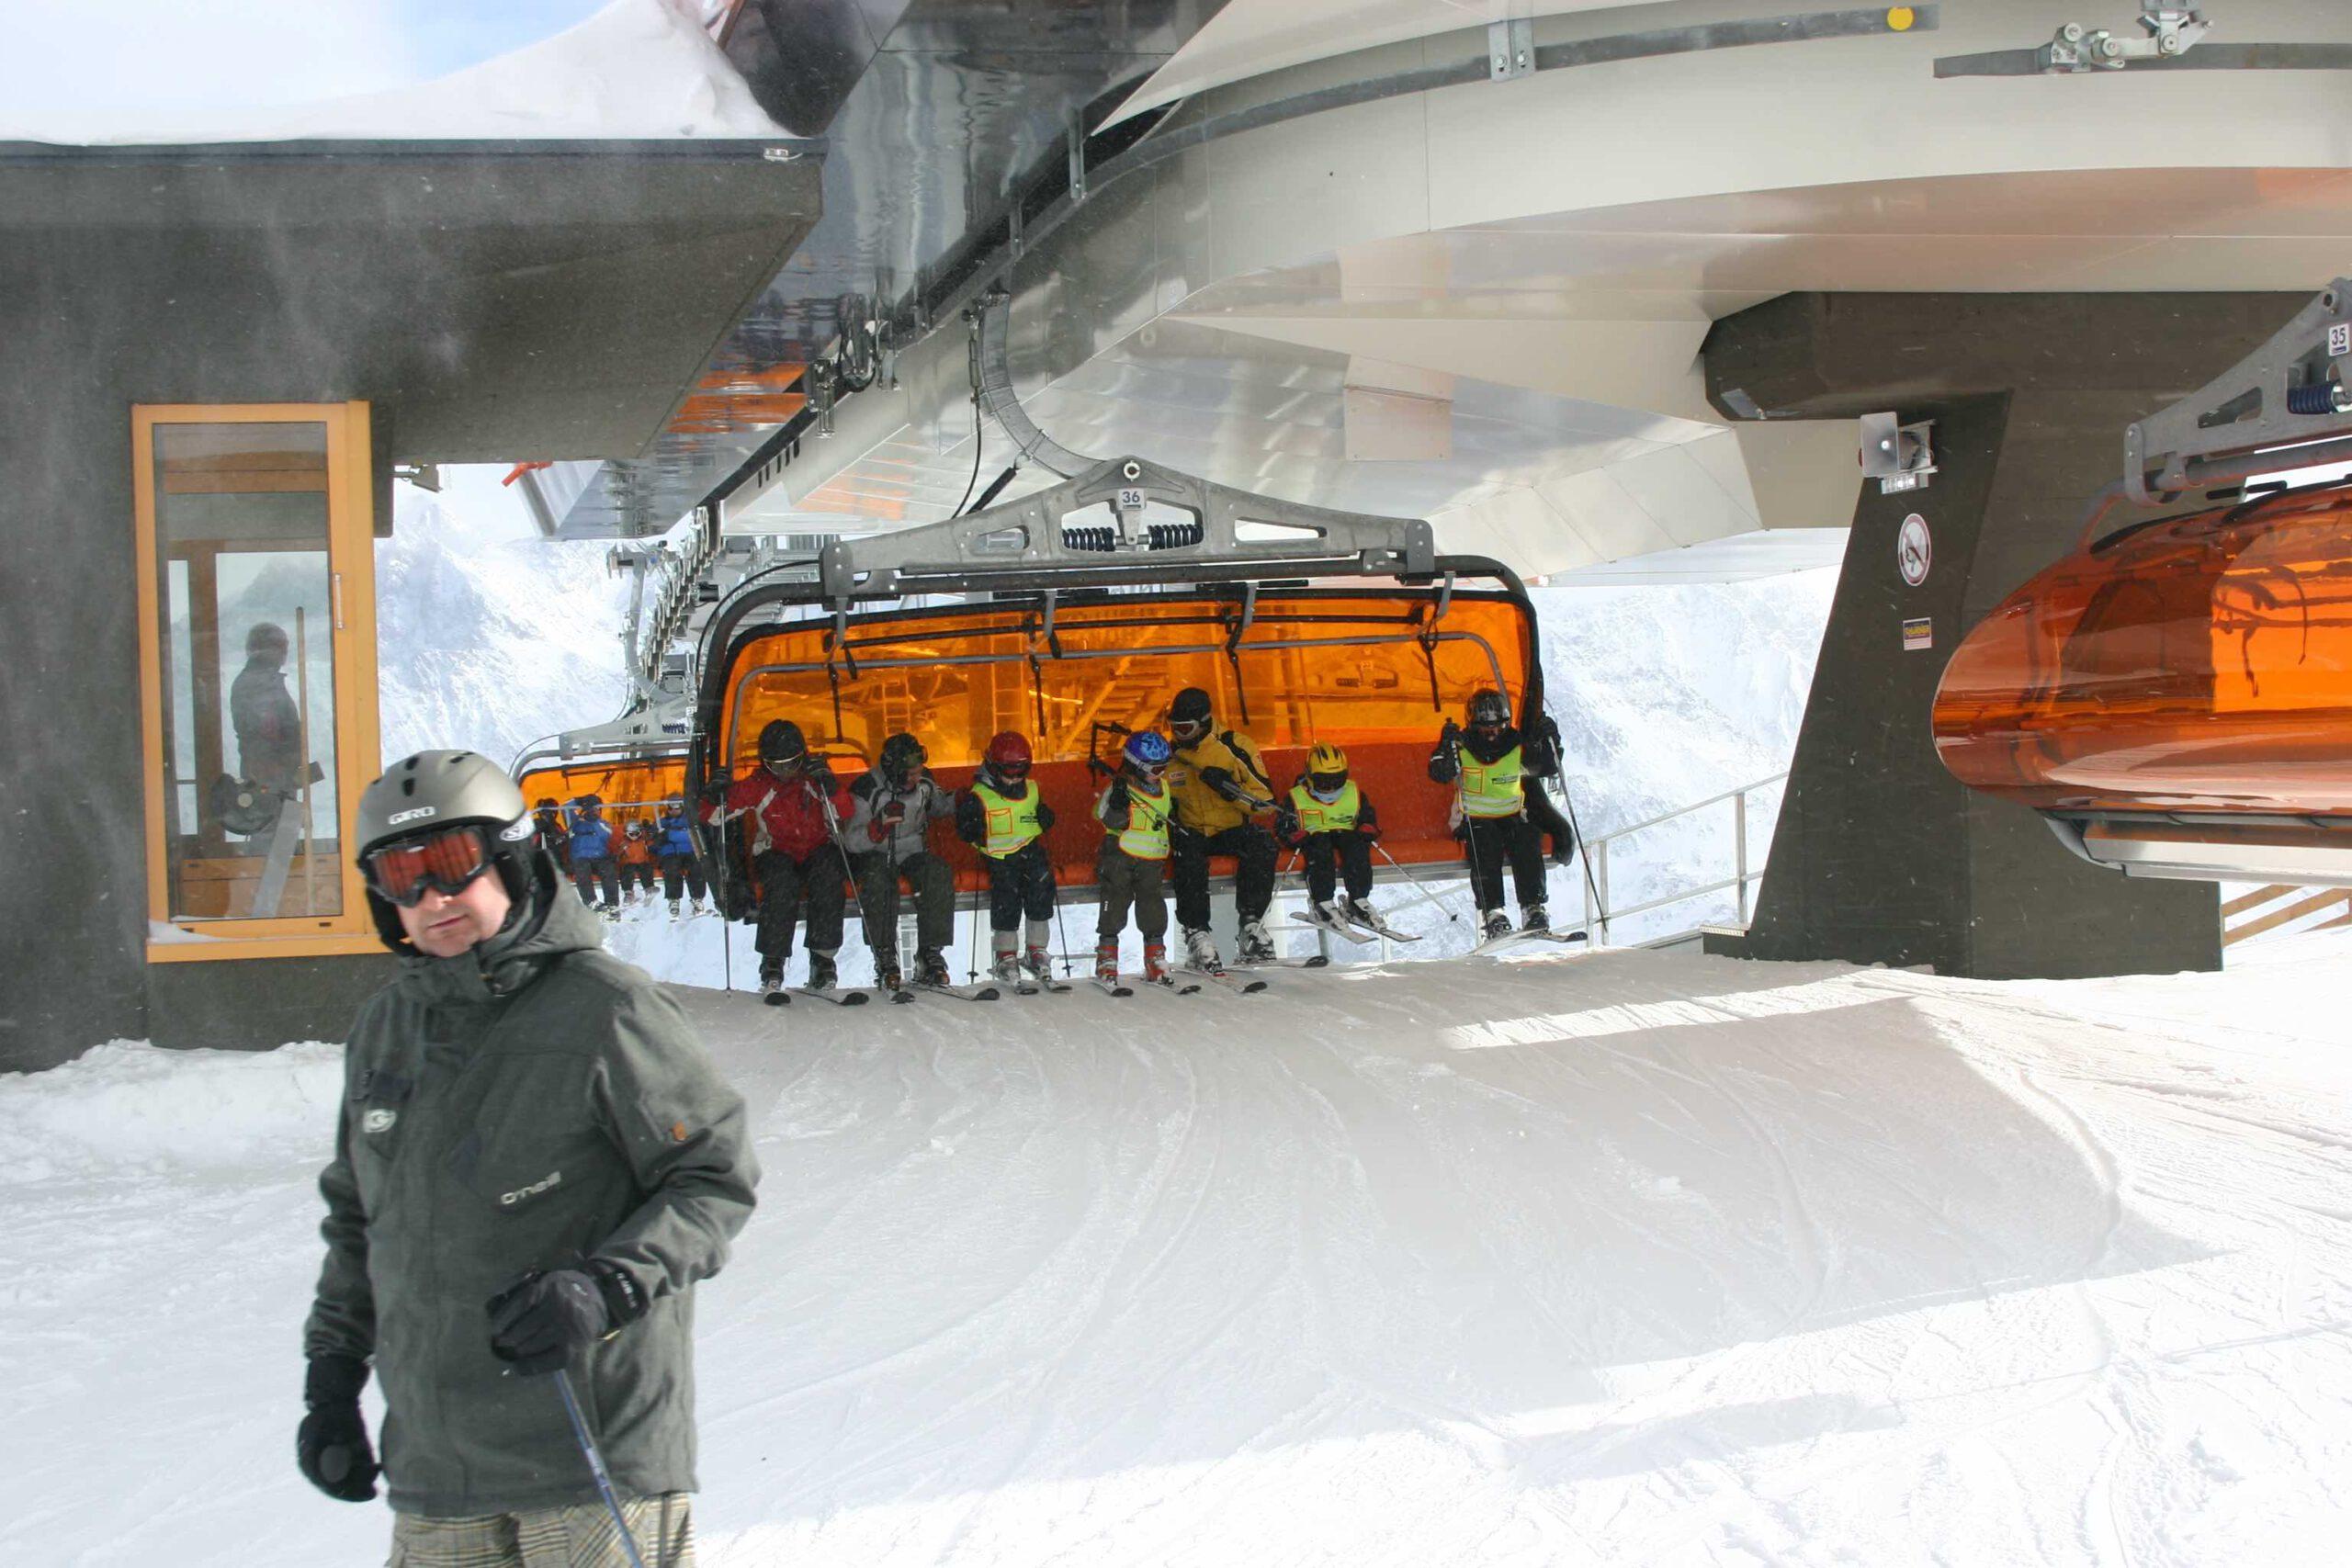 Schneeexperte Georg Eisath ist Gründer der Herstellerfirma Techno Alpin am Giggijoch-Sessellift